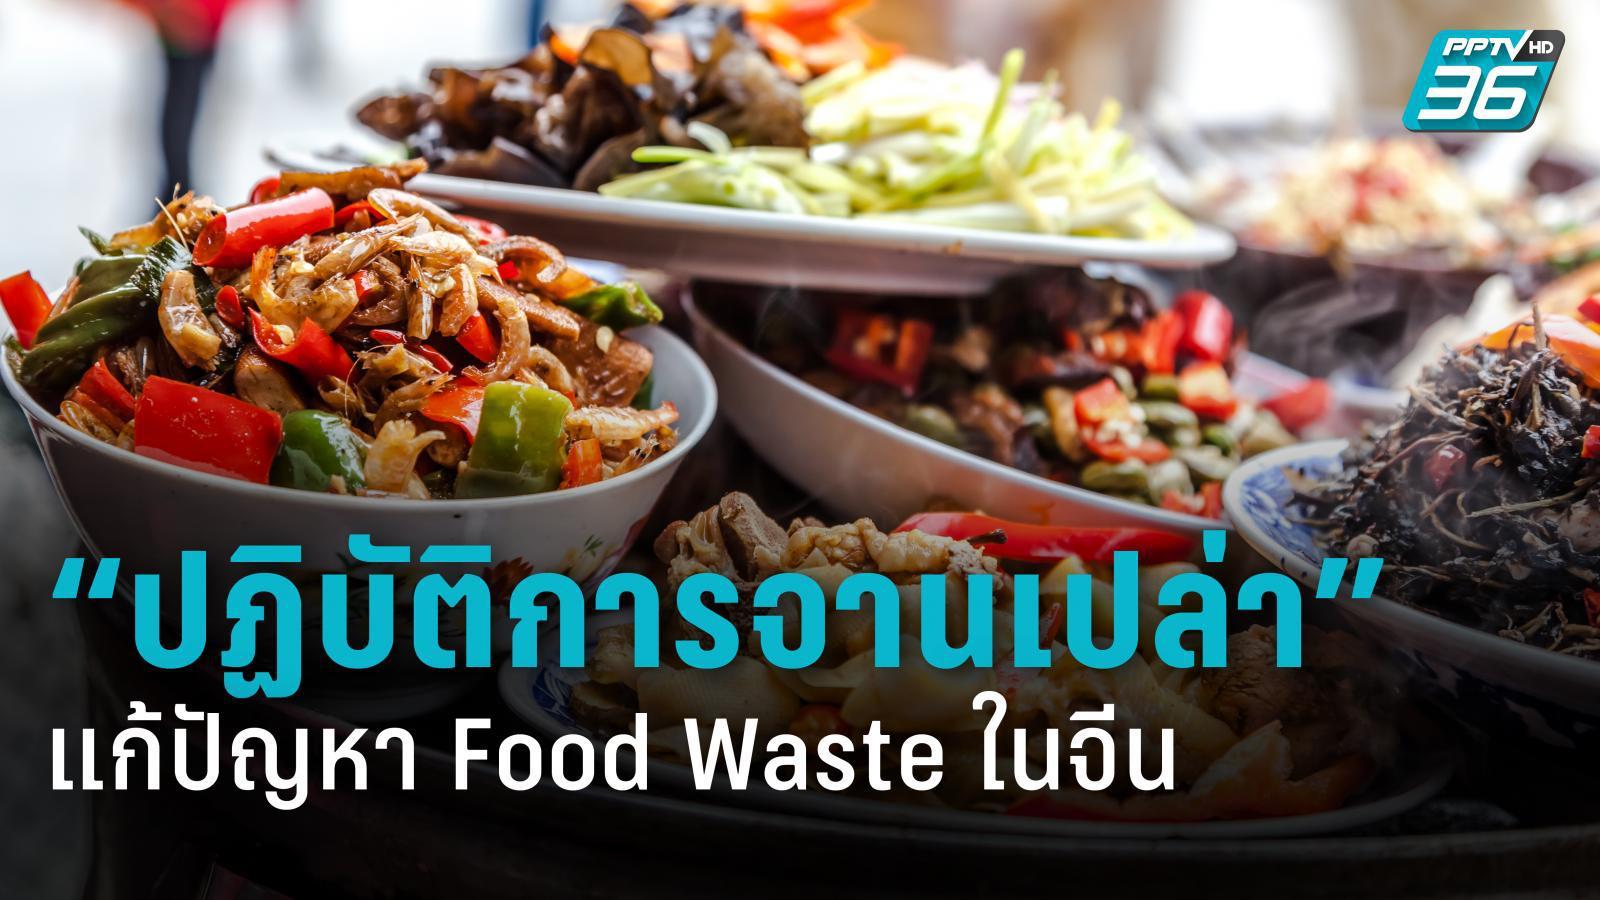 """""""ปฏิบัติการจานเปล่า"""" แนวทางแก้ปัญหา Food Waste ของจีน"""